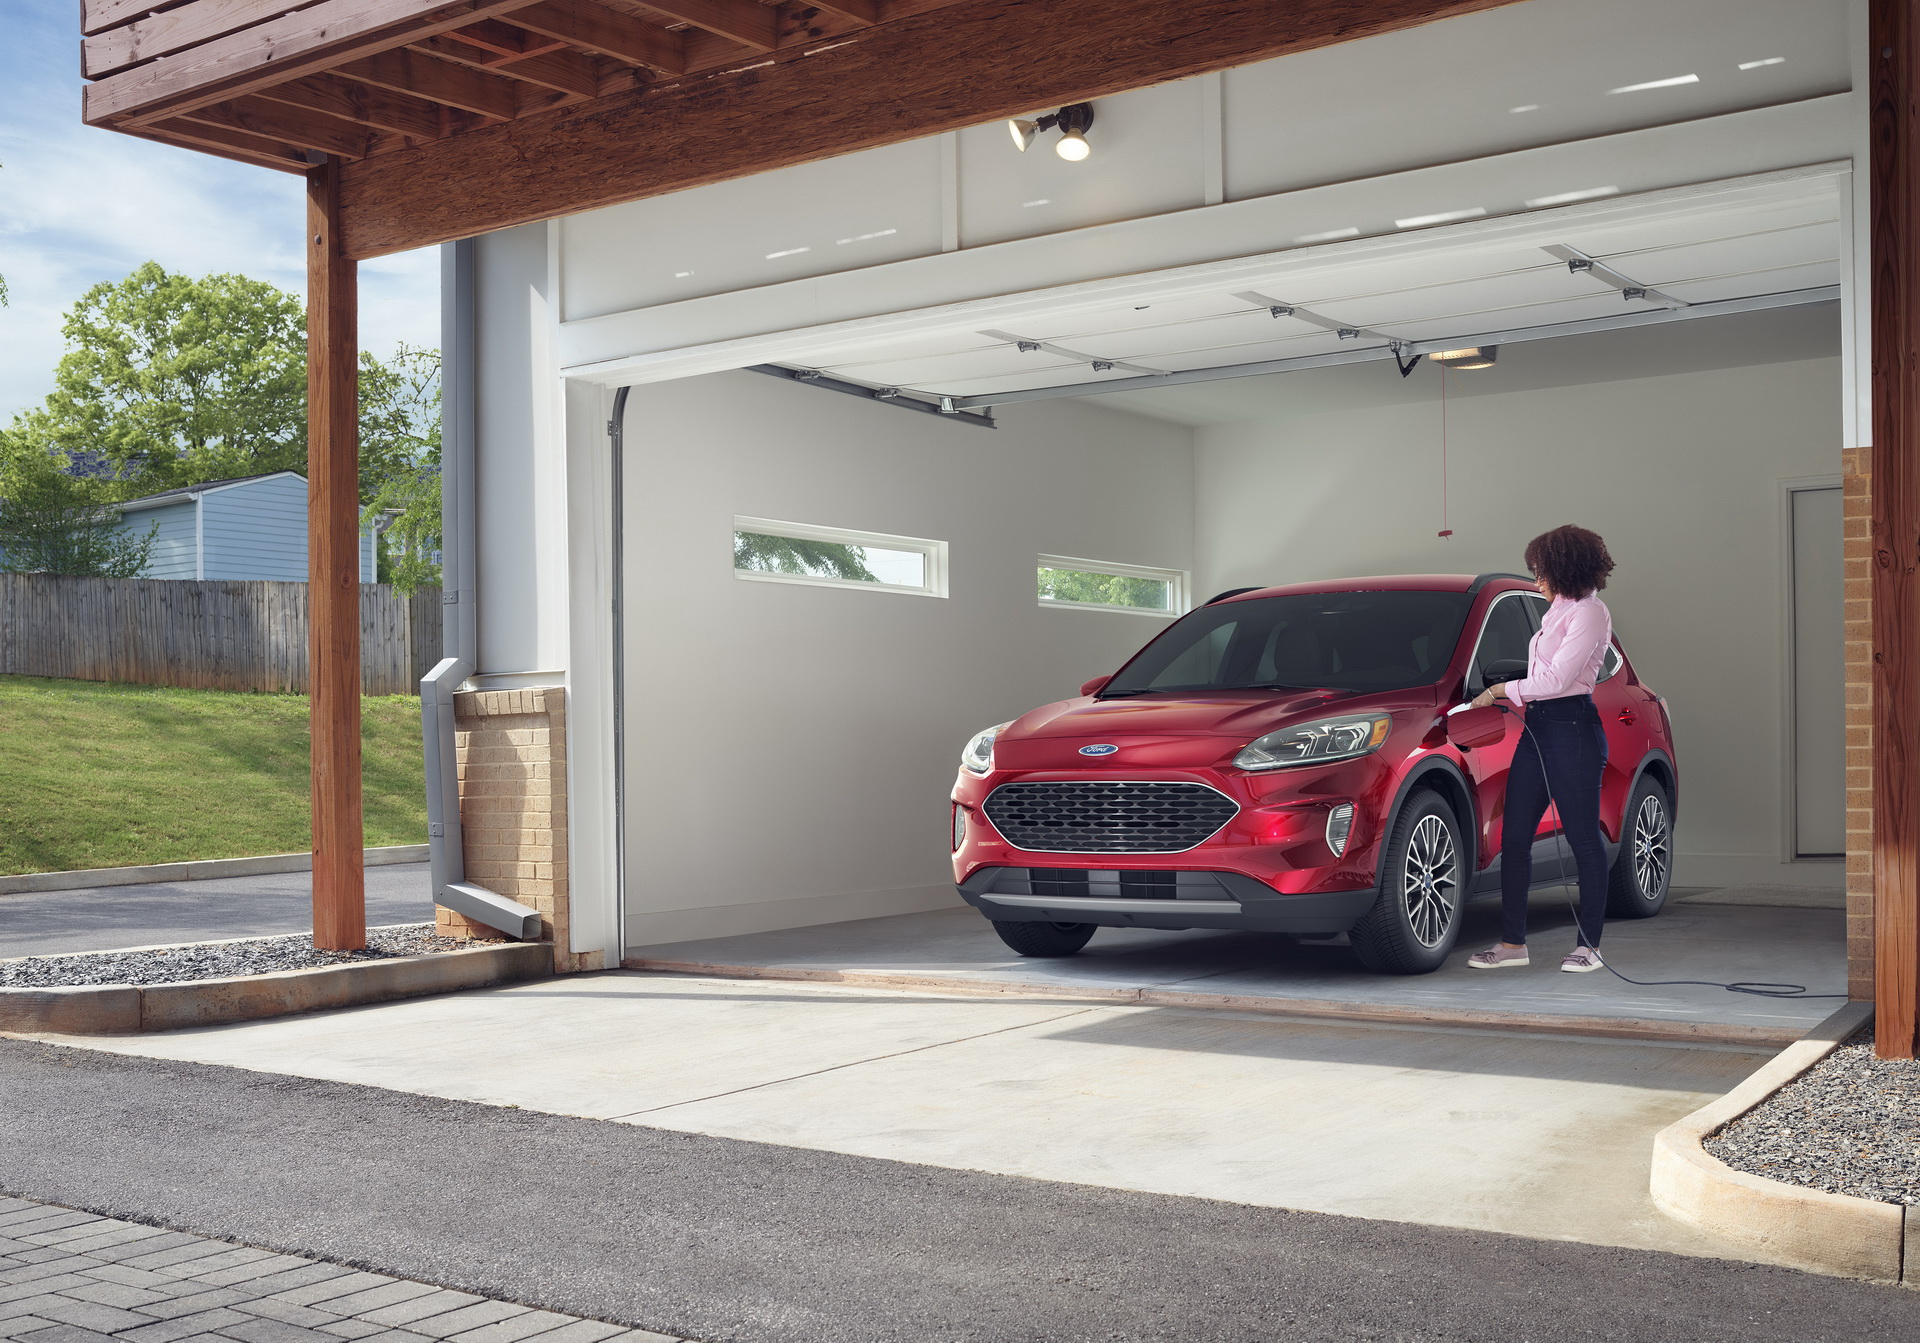 Ford Escape PHEV 2020 tiêu thụ 2,3 lít/100 km